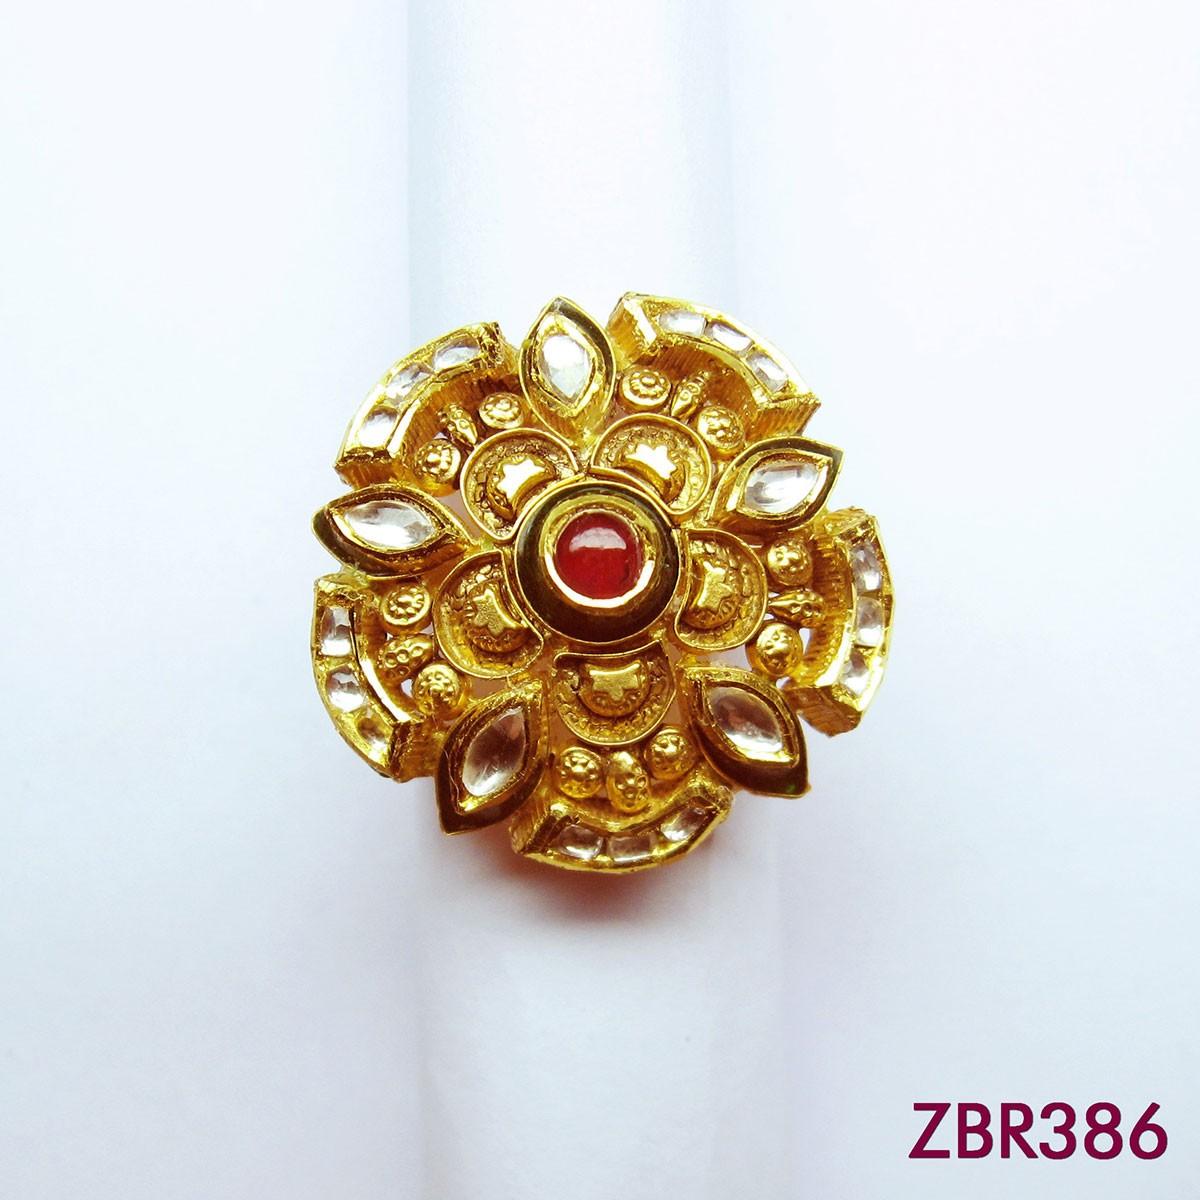 ZBR386